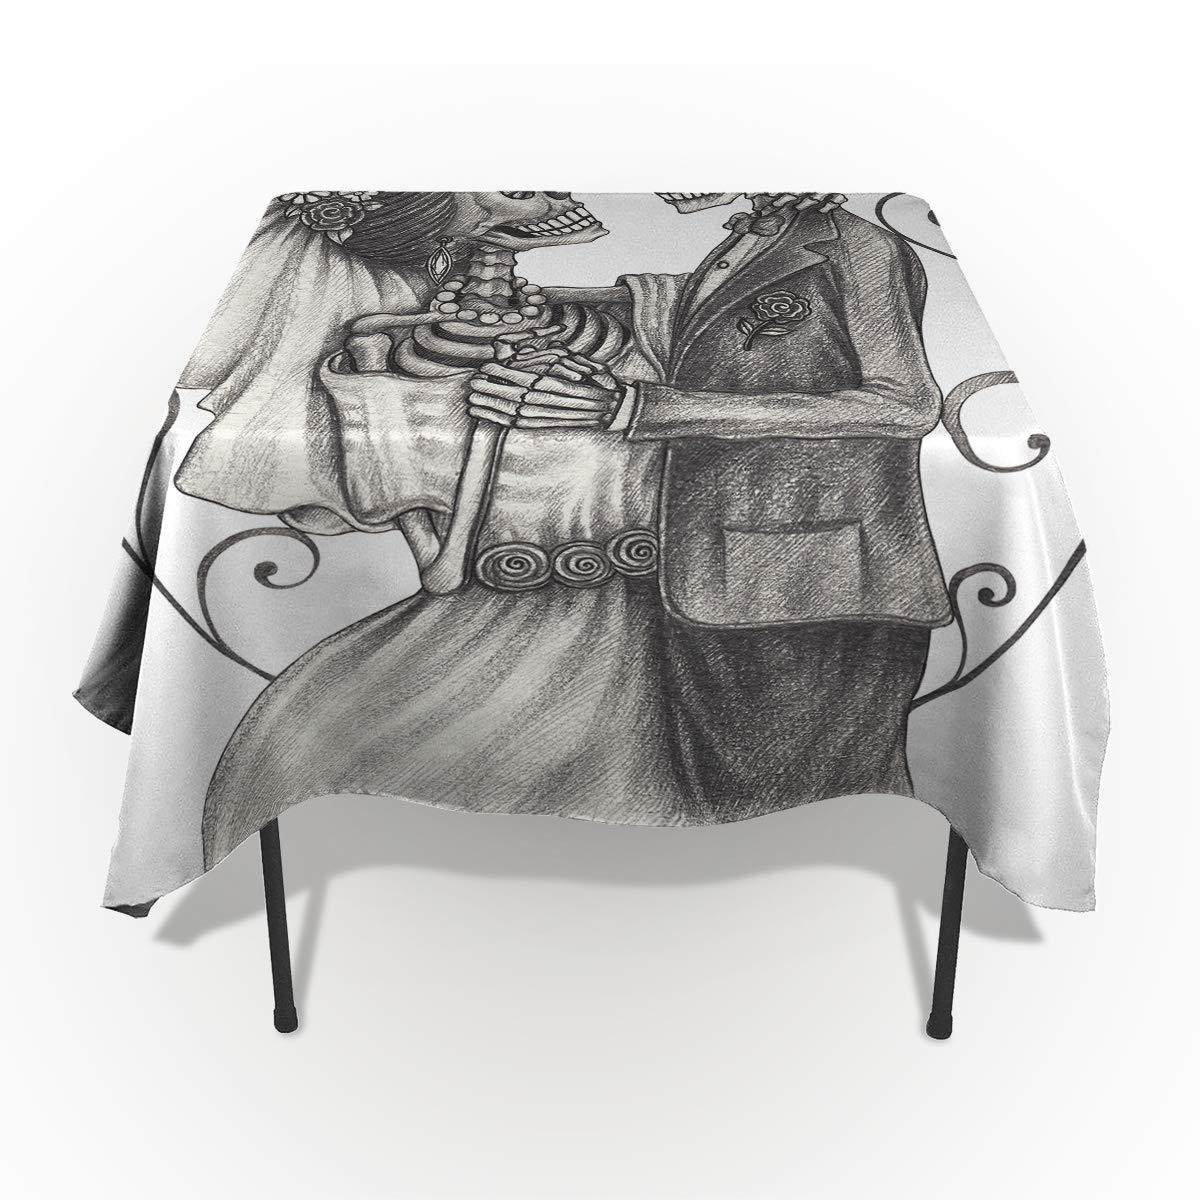 Élégante décoration de table motif renne de Noël avec nez rouge 54*109in=138*275cm Weddingair7315 Nappes de Noël rectangulaires anti-déversement Drap en coton En polyester lavable